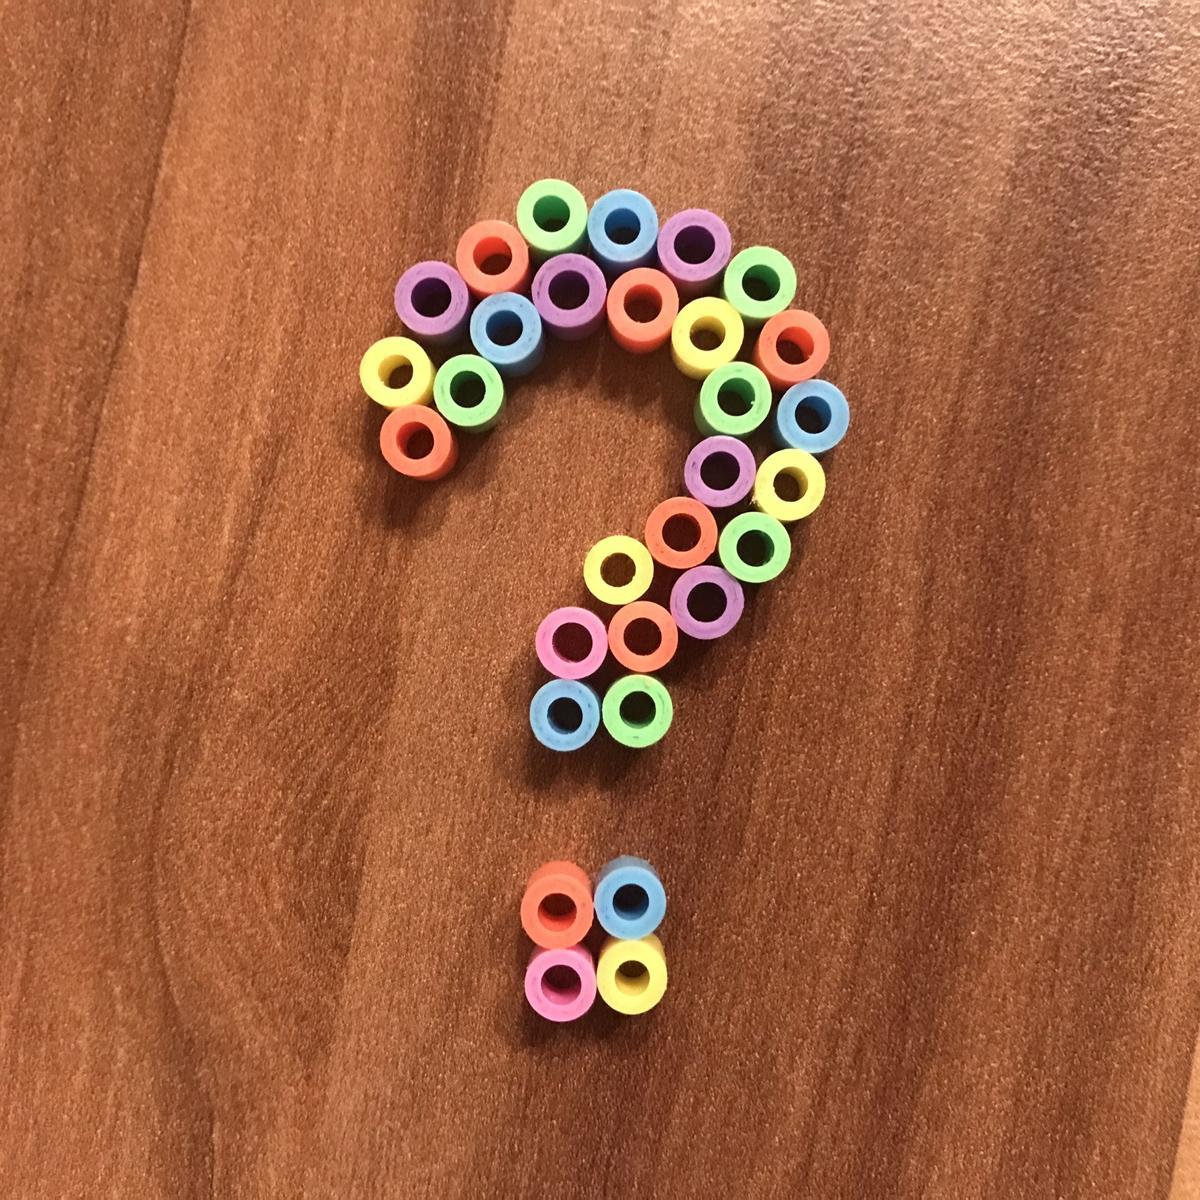 Warum nerven mich Warum-Fragen nicht? – Für mehr Entspannung in der Warum-Phase